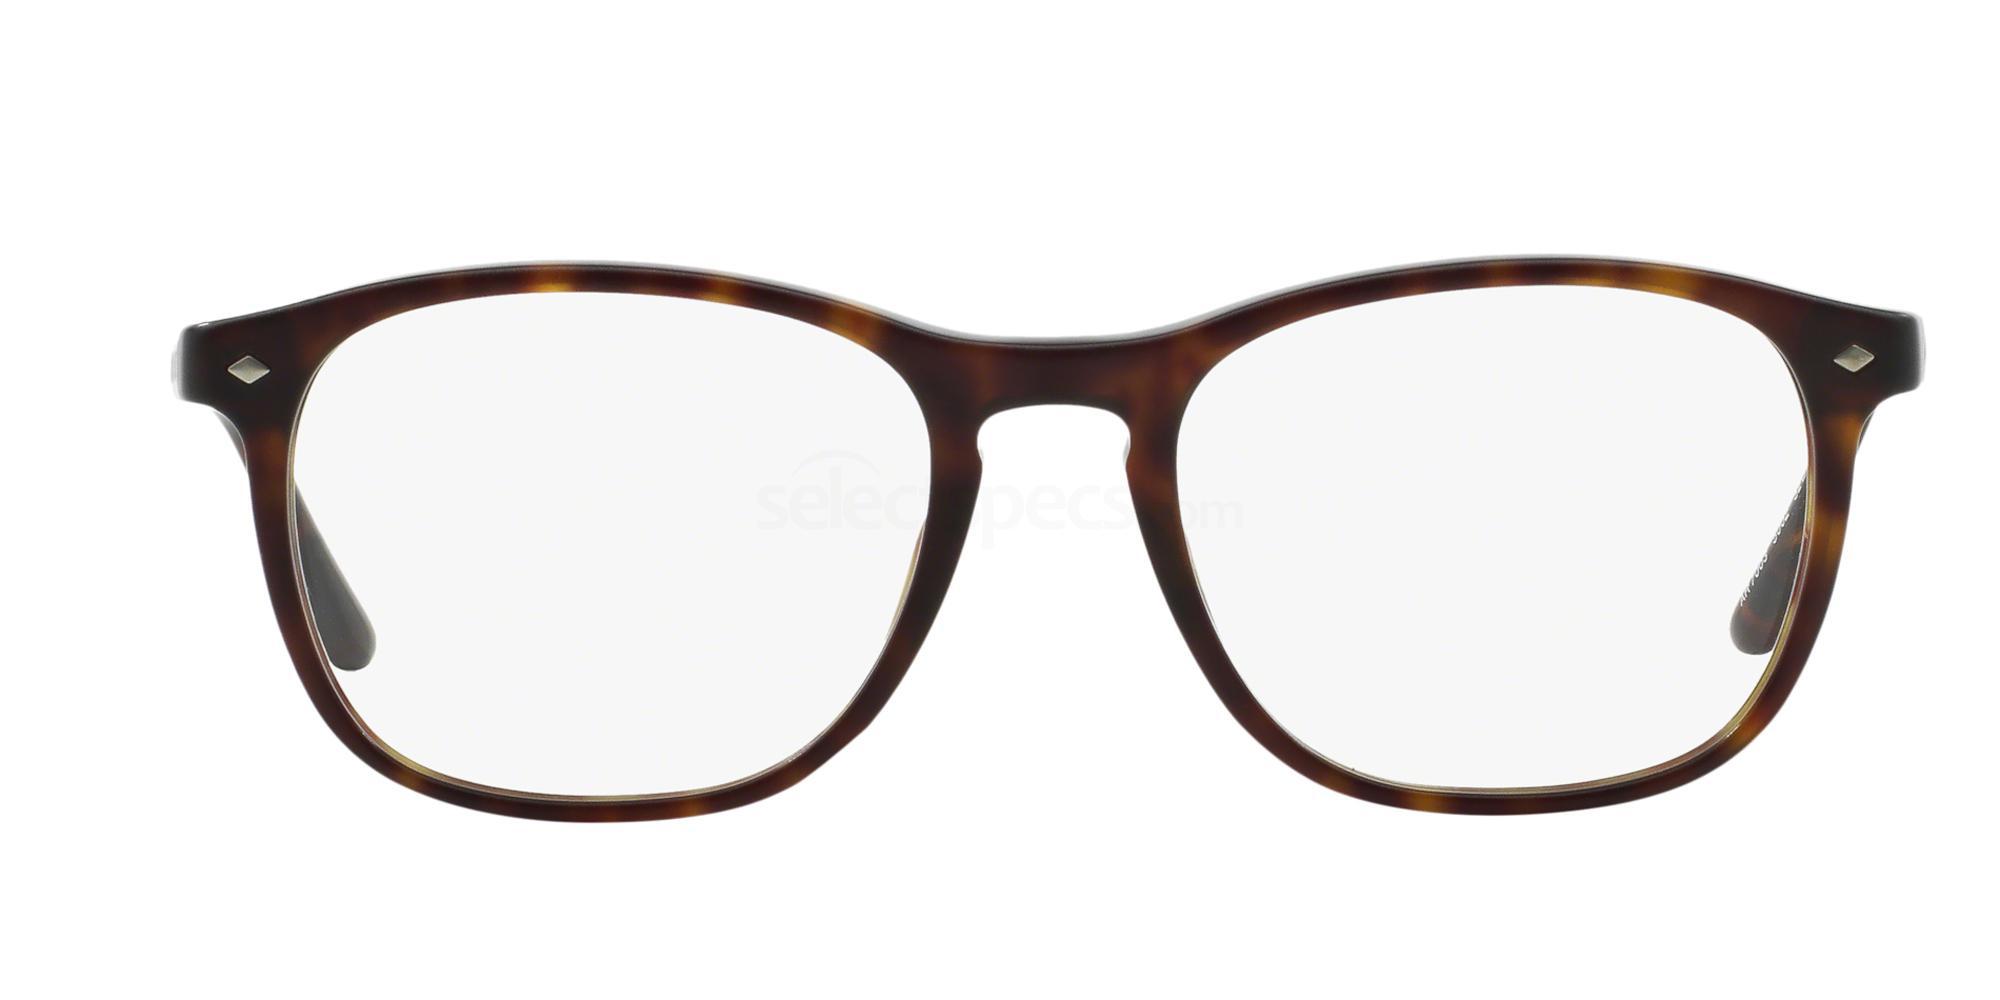 Giorgio Armani AR7003 glasses. Free lenses & delivery ...